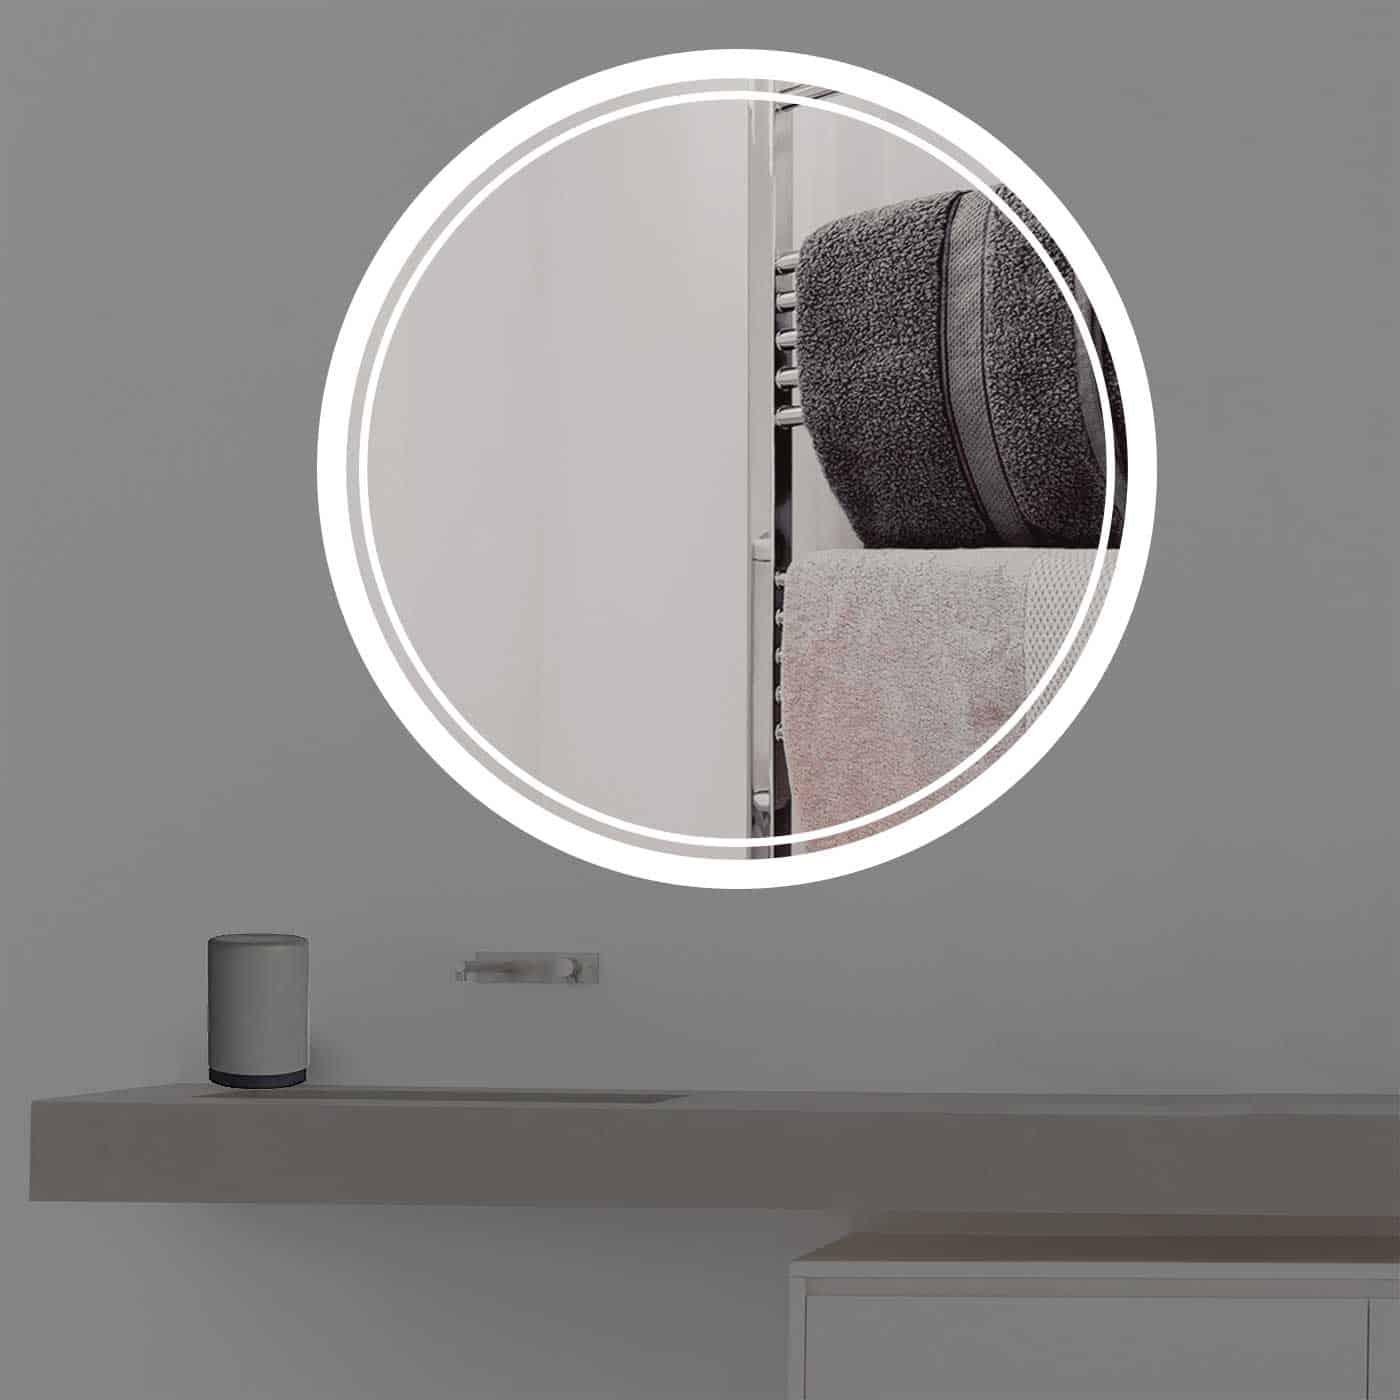 Extrem Badspiegel mit Beleuchtung | rund | R 404 |TÜV geprüft| CE19